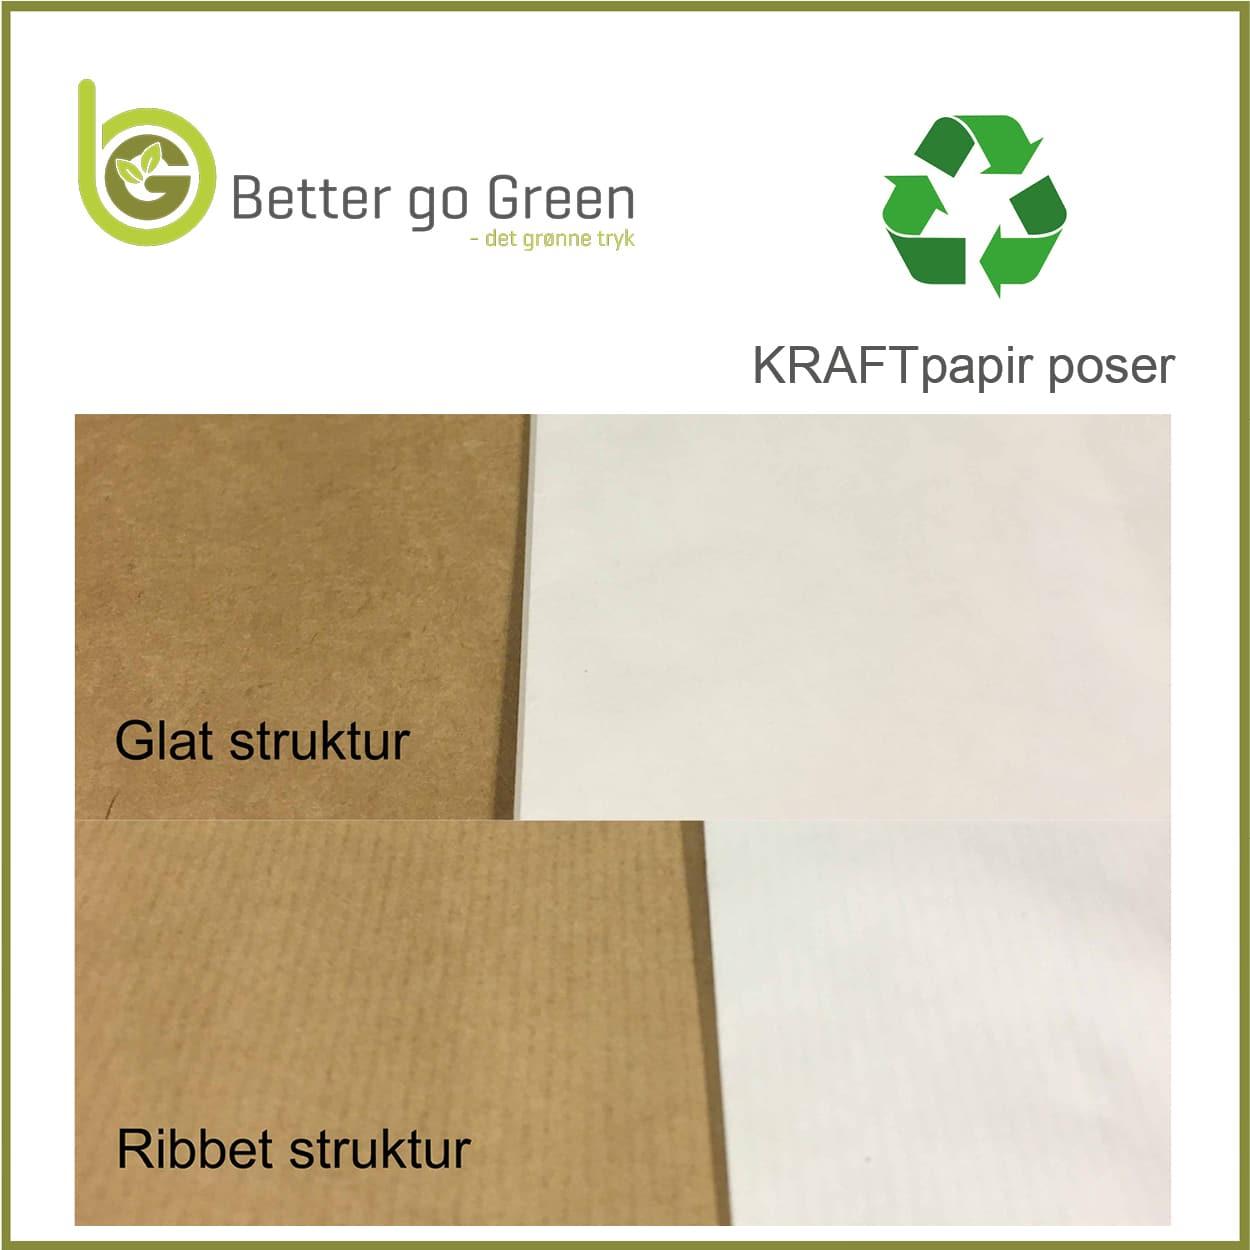 Struktur i kraftpapir med logotryk. BetterGoGreen.dk